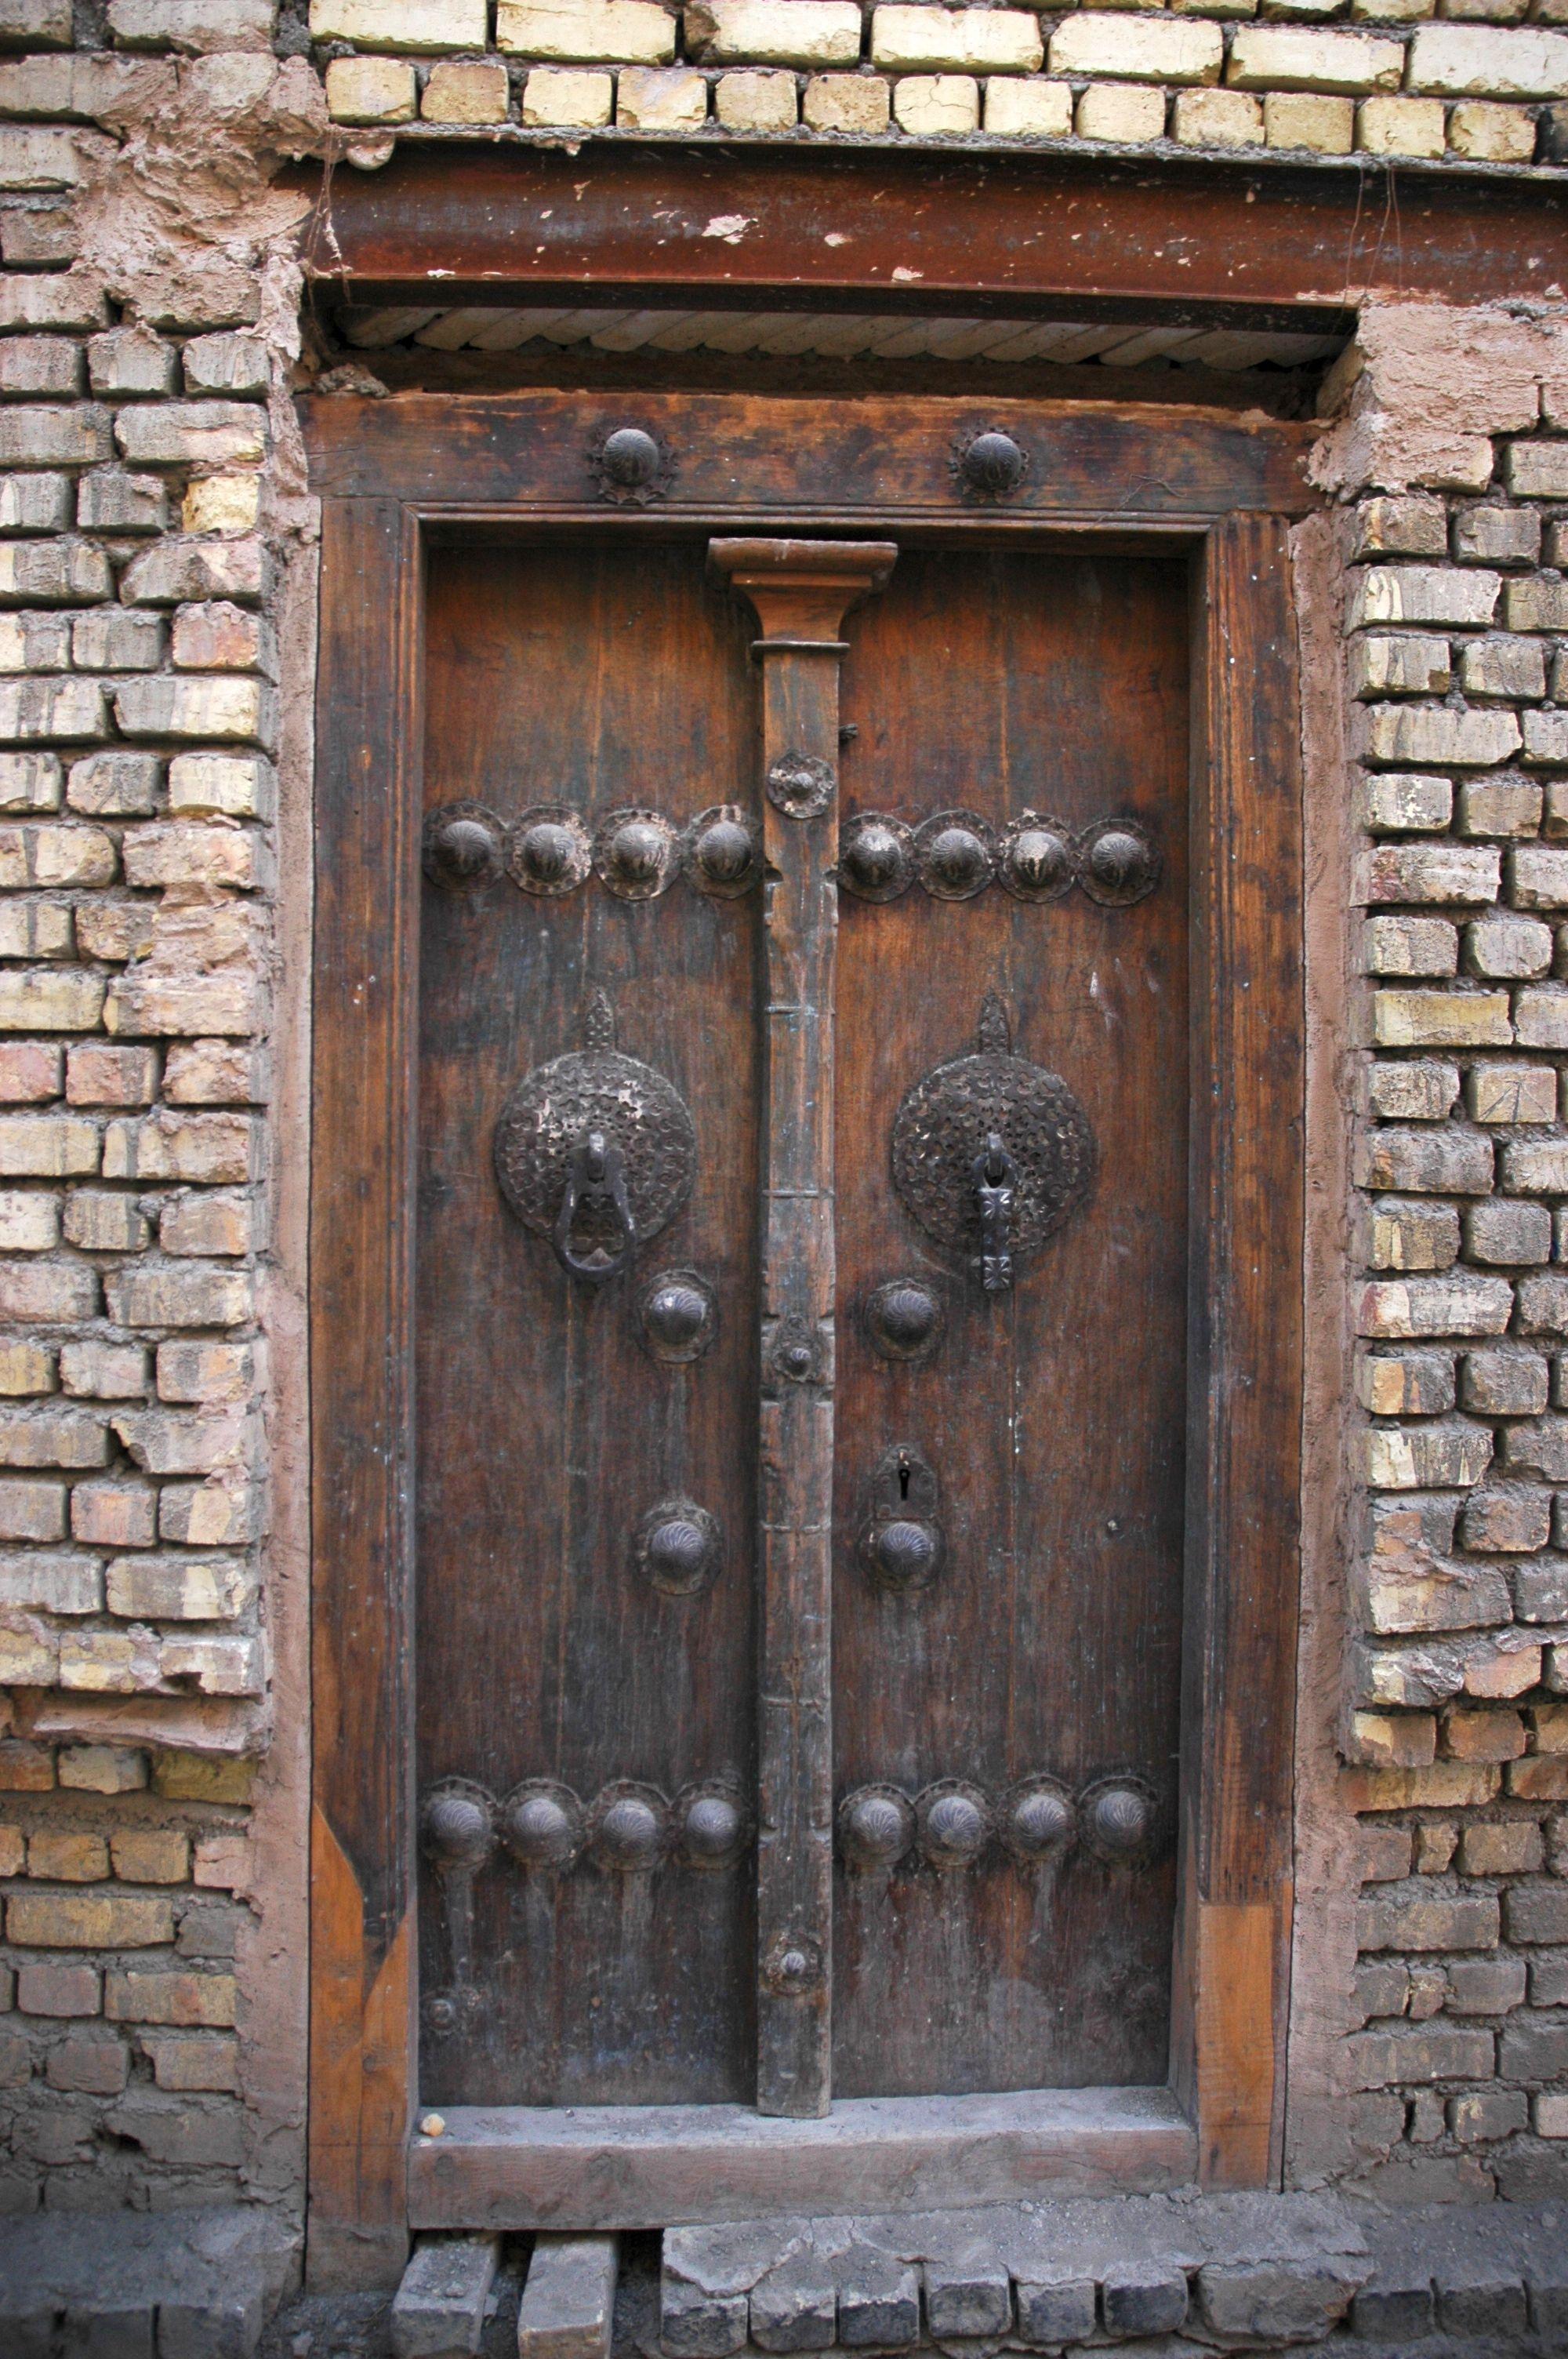 beautiful antique door iin iran. wisnh i knew the age. wood door